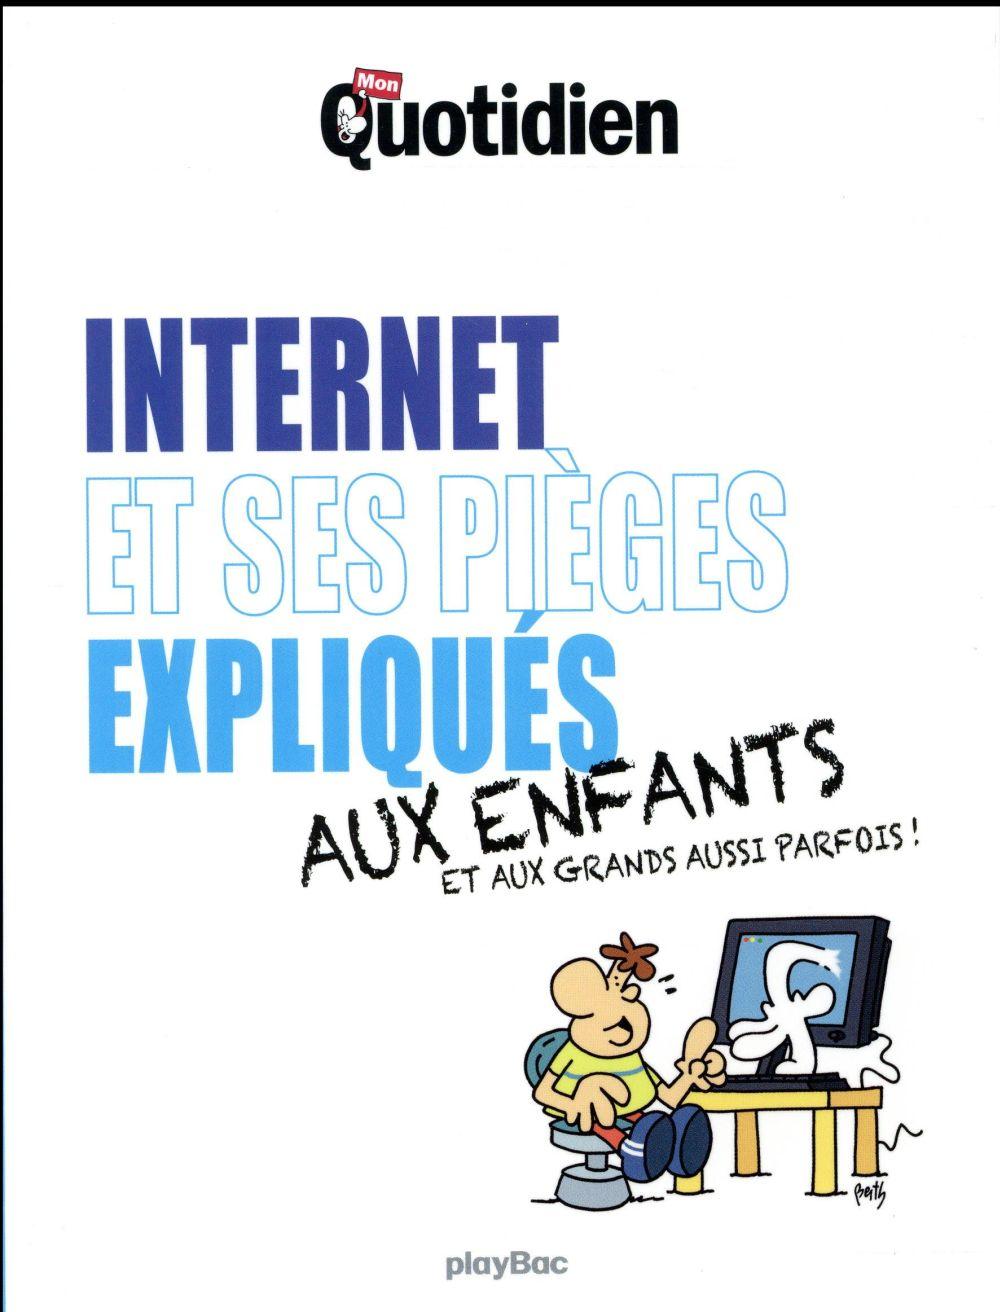 Le Petit quotidien - MON QUOTIDIEN - INTERNET ET SES PIEGES EXPLIQUES AUX ENFANTS